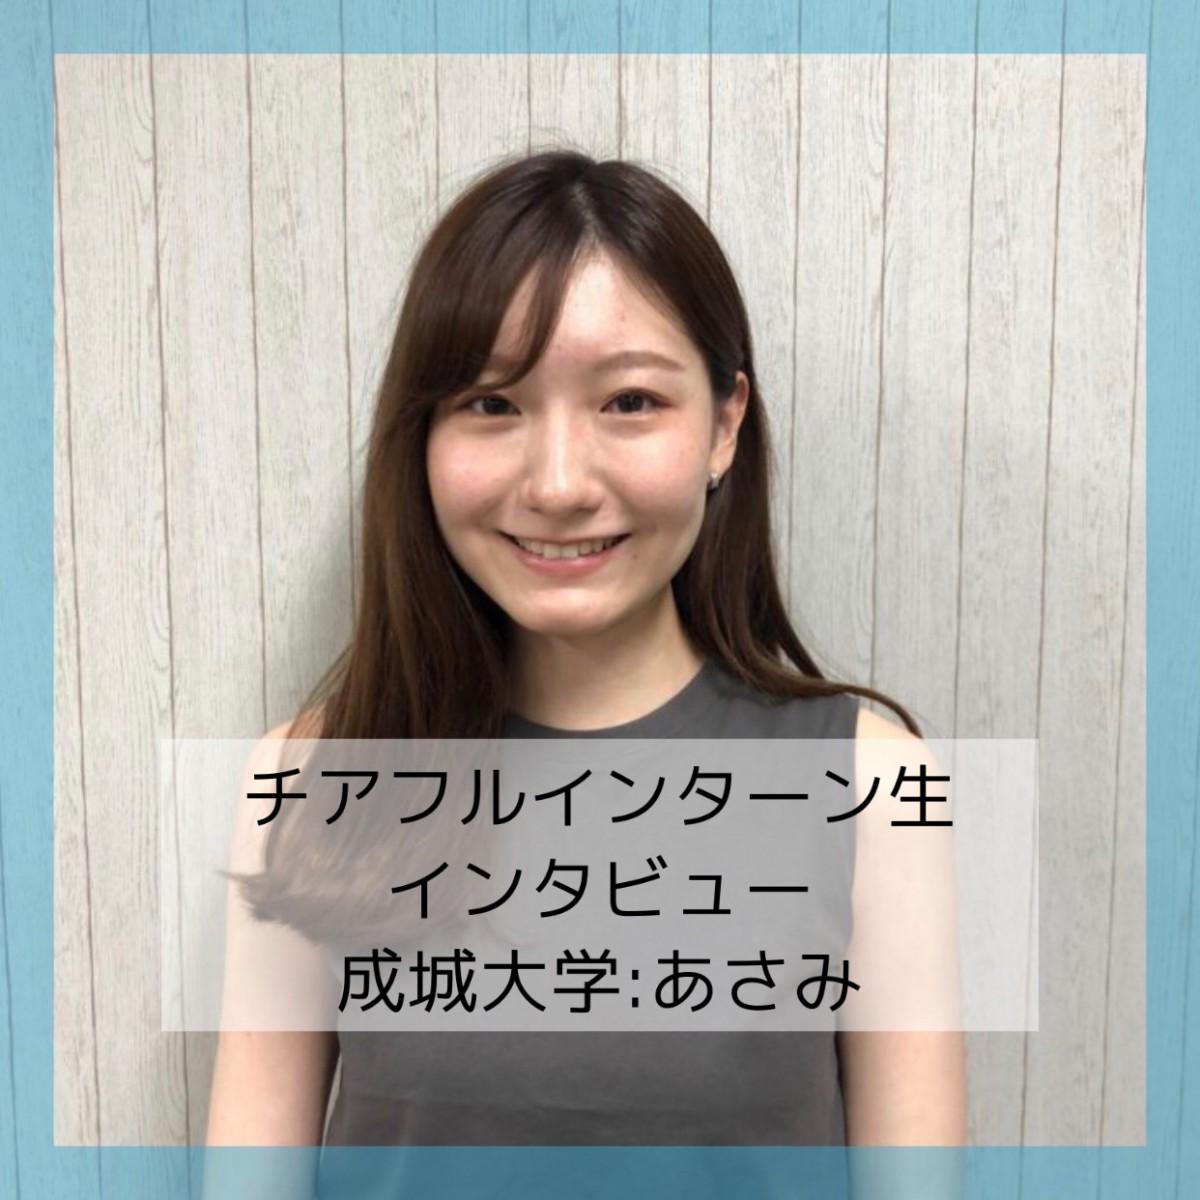 【東京22卒:成城大学】チアフルのメンバーは一緒に頑張れる仲間であり、自分の目標にもなる存在です!